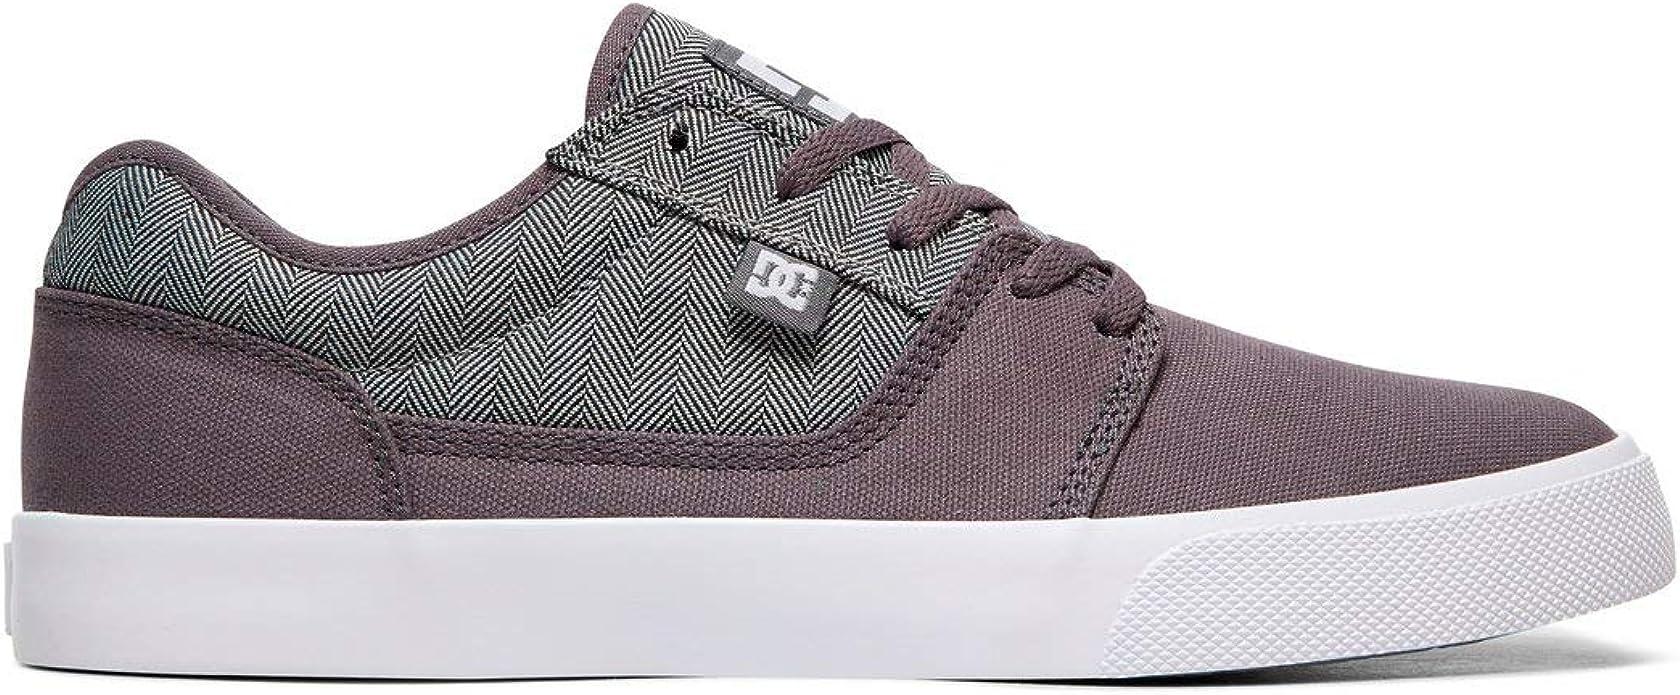 DC Tonik TX SE Sneaker Herren Grau-Weiß/Grau